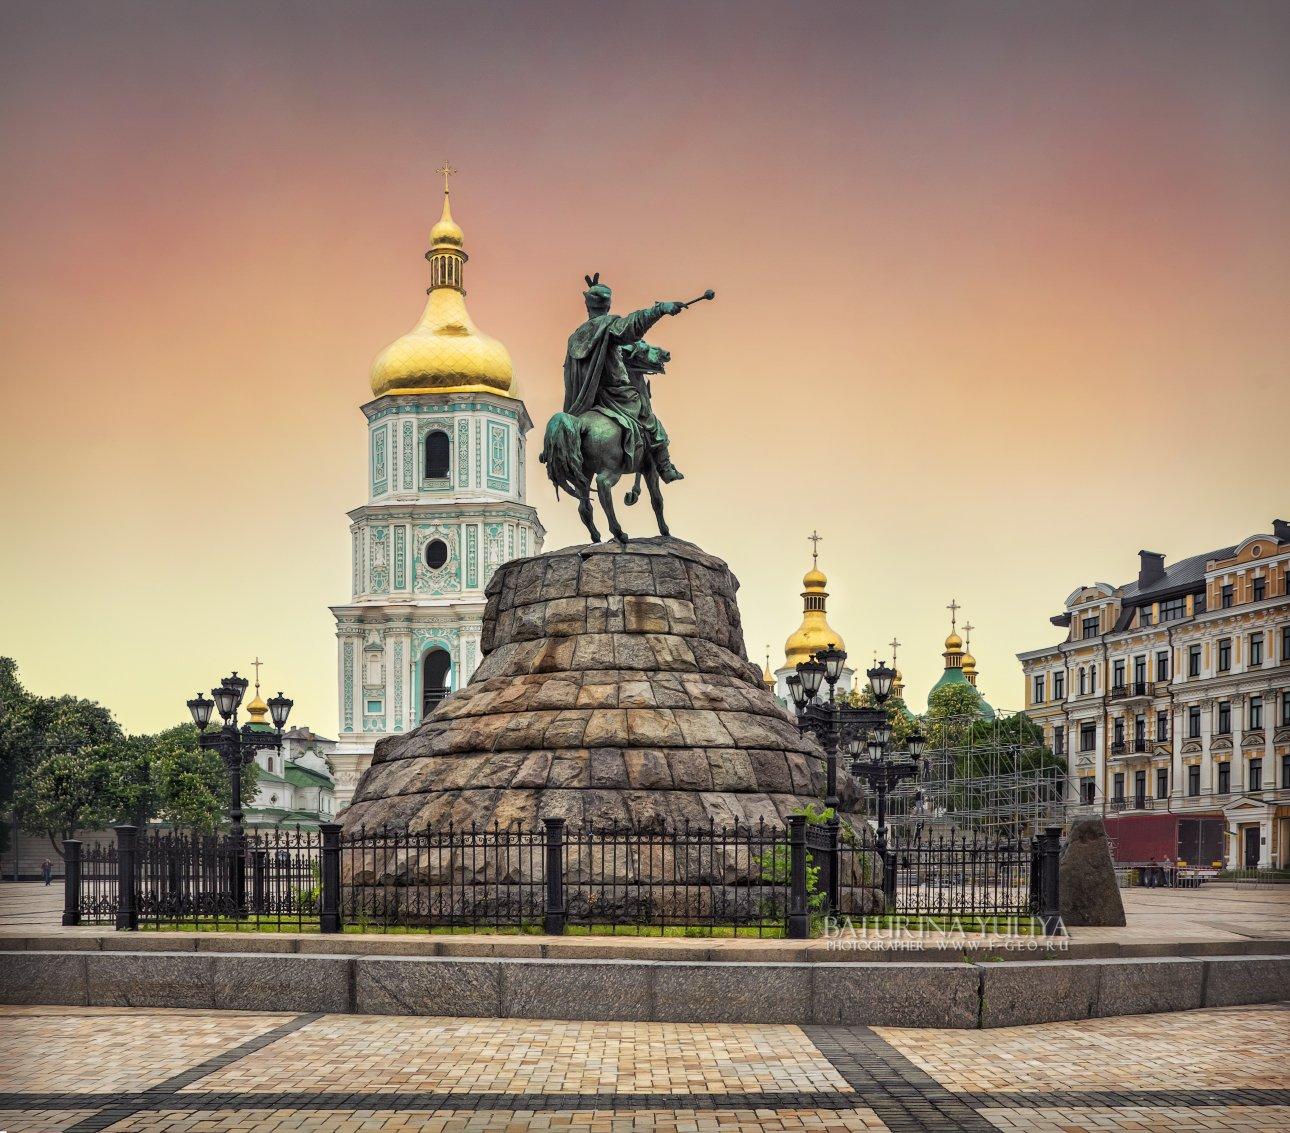 украина, киев, хмельницкий, памятник, софийский собор, Юлия Батурина